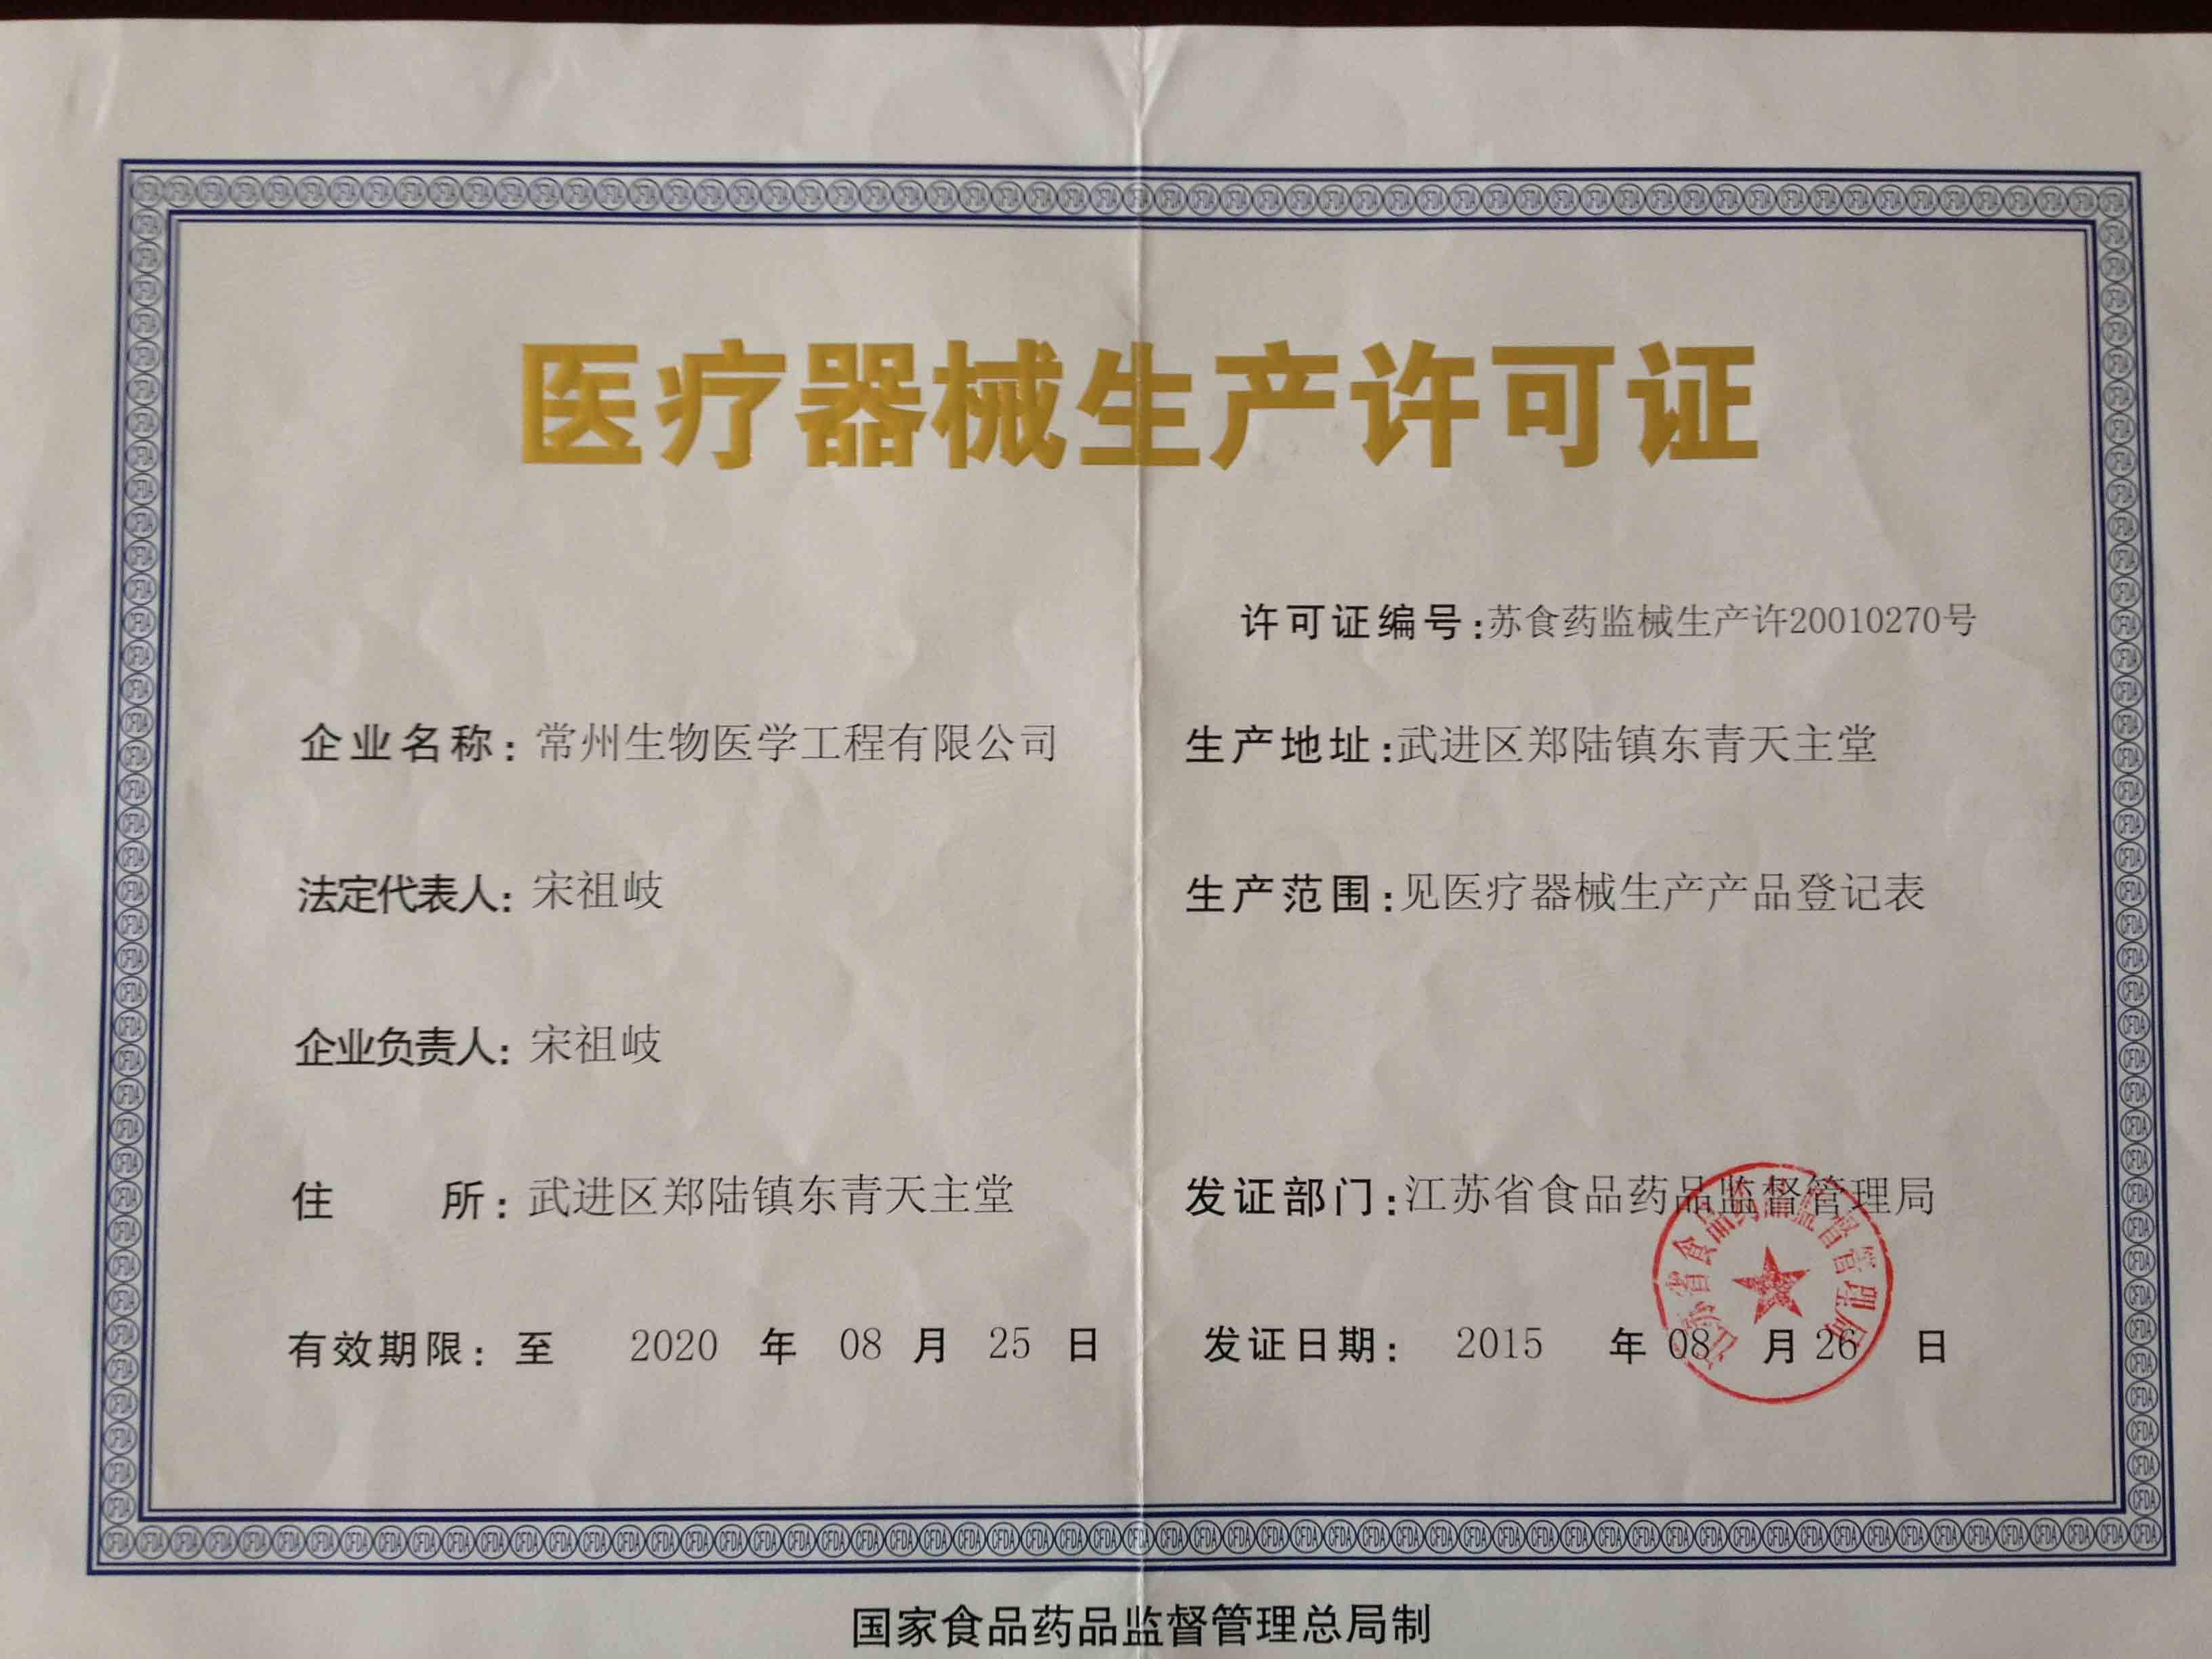 CFDA license - SU 20010270